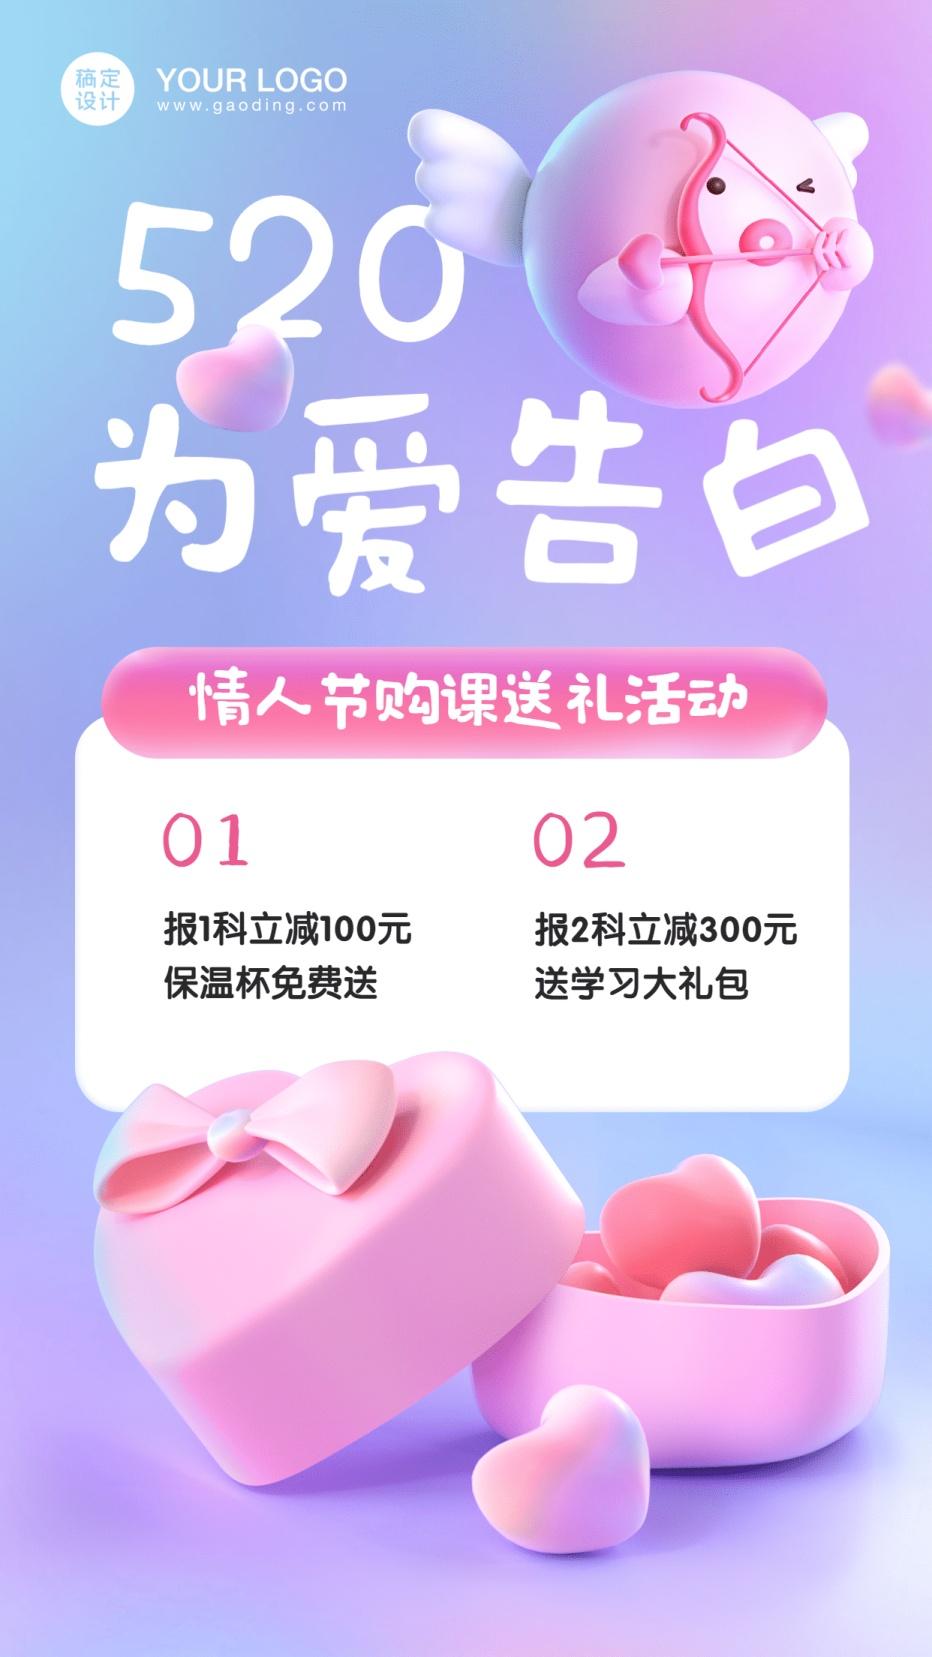 520情人节送礼课程营销C4D可爱海报